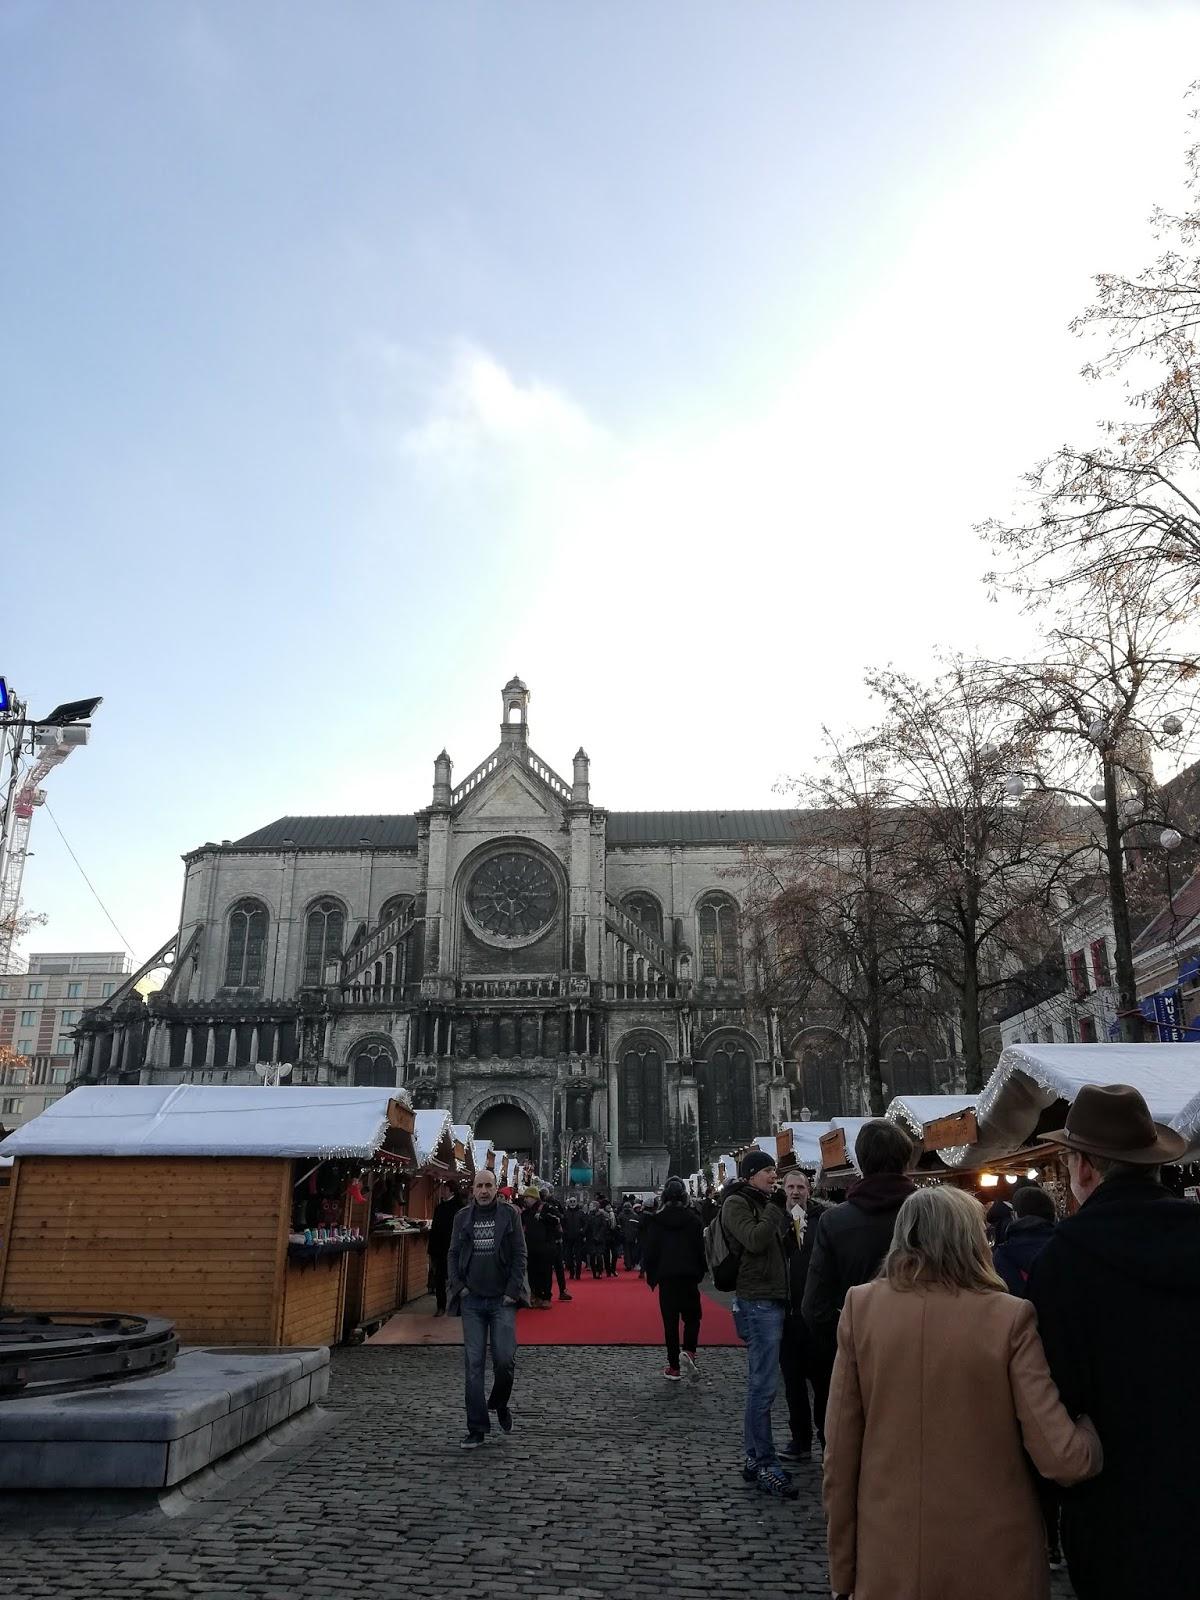 bruxelas mercado de natal